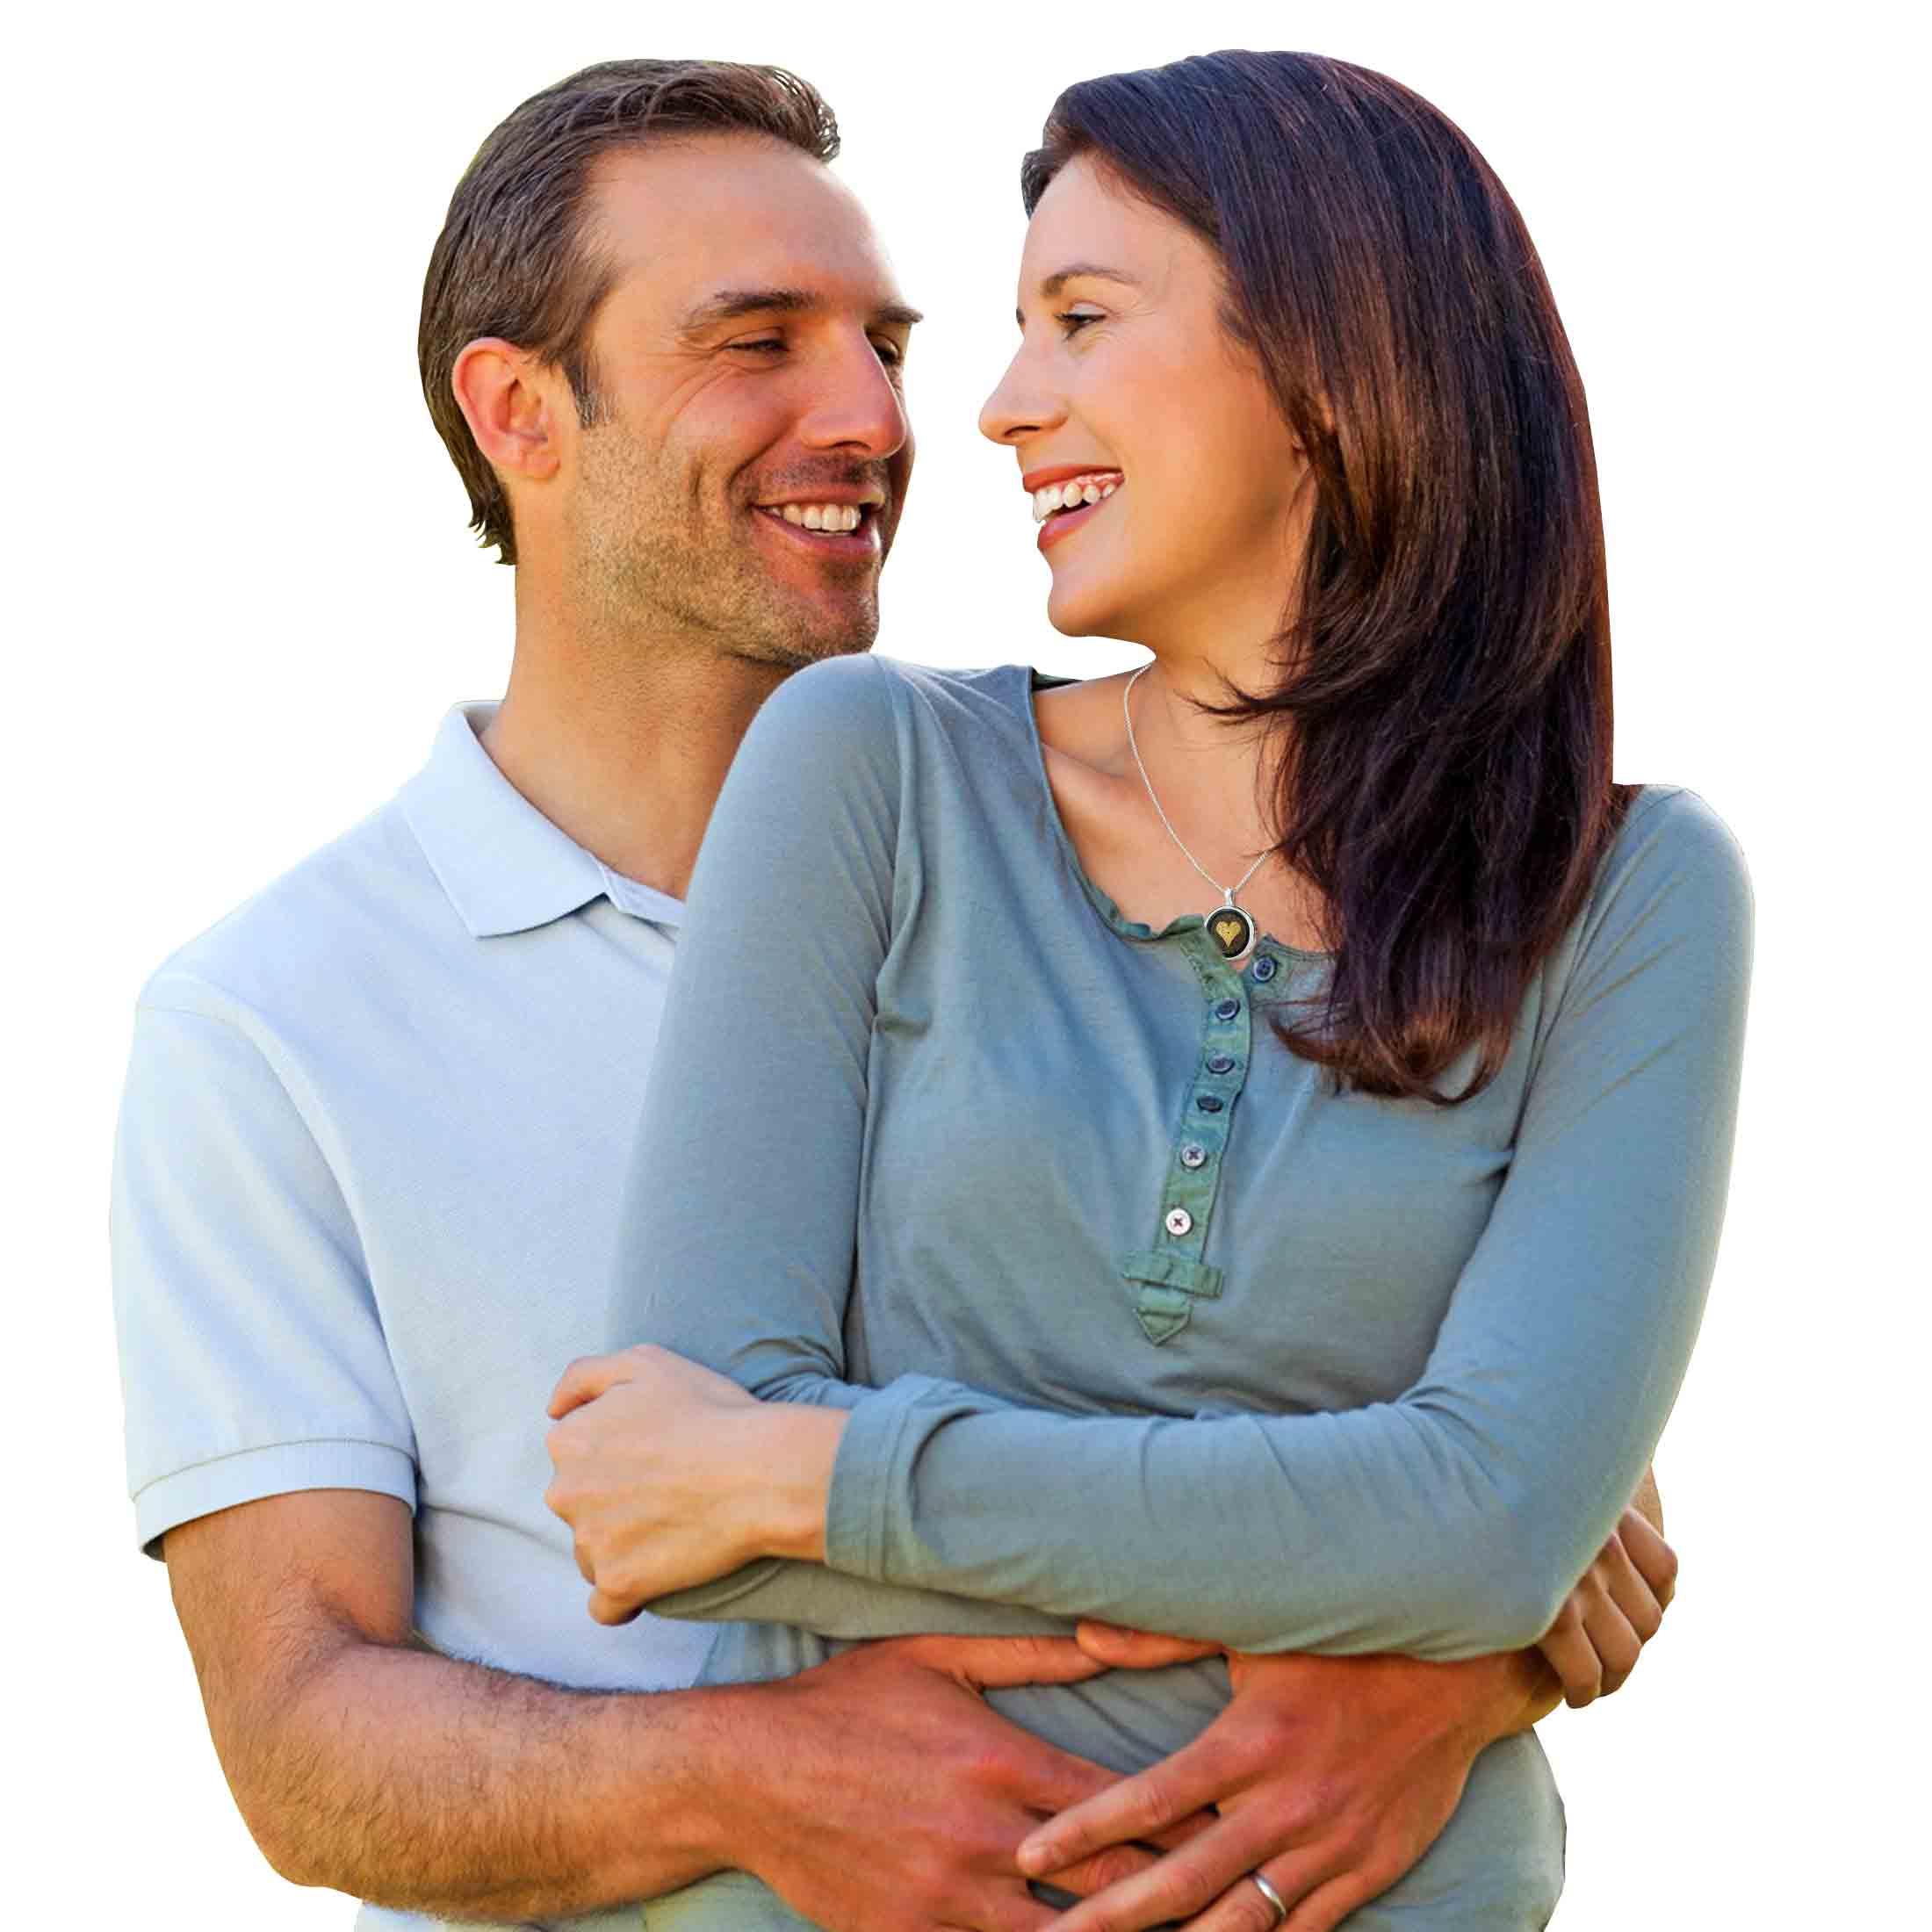 רעיונות למתנה לאישה: מתנות לאישה ליום האהבה, יום הולדת רומנטי, ננו תכשיטים